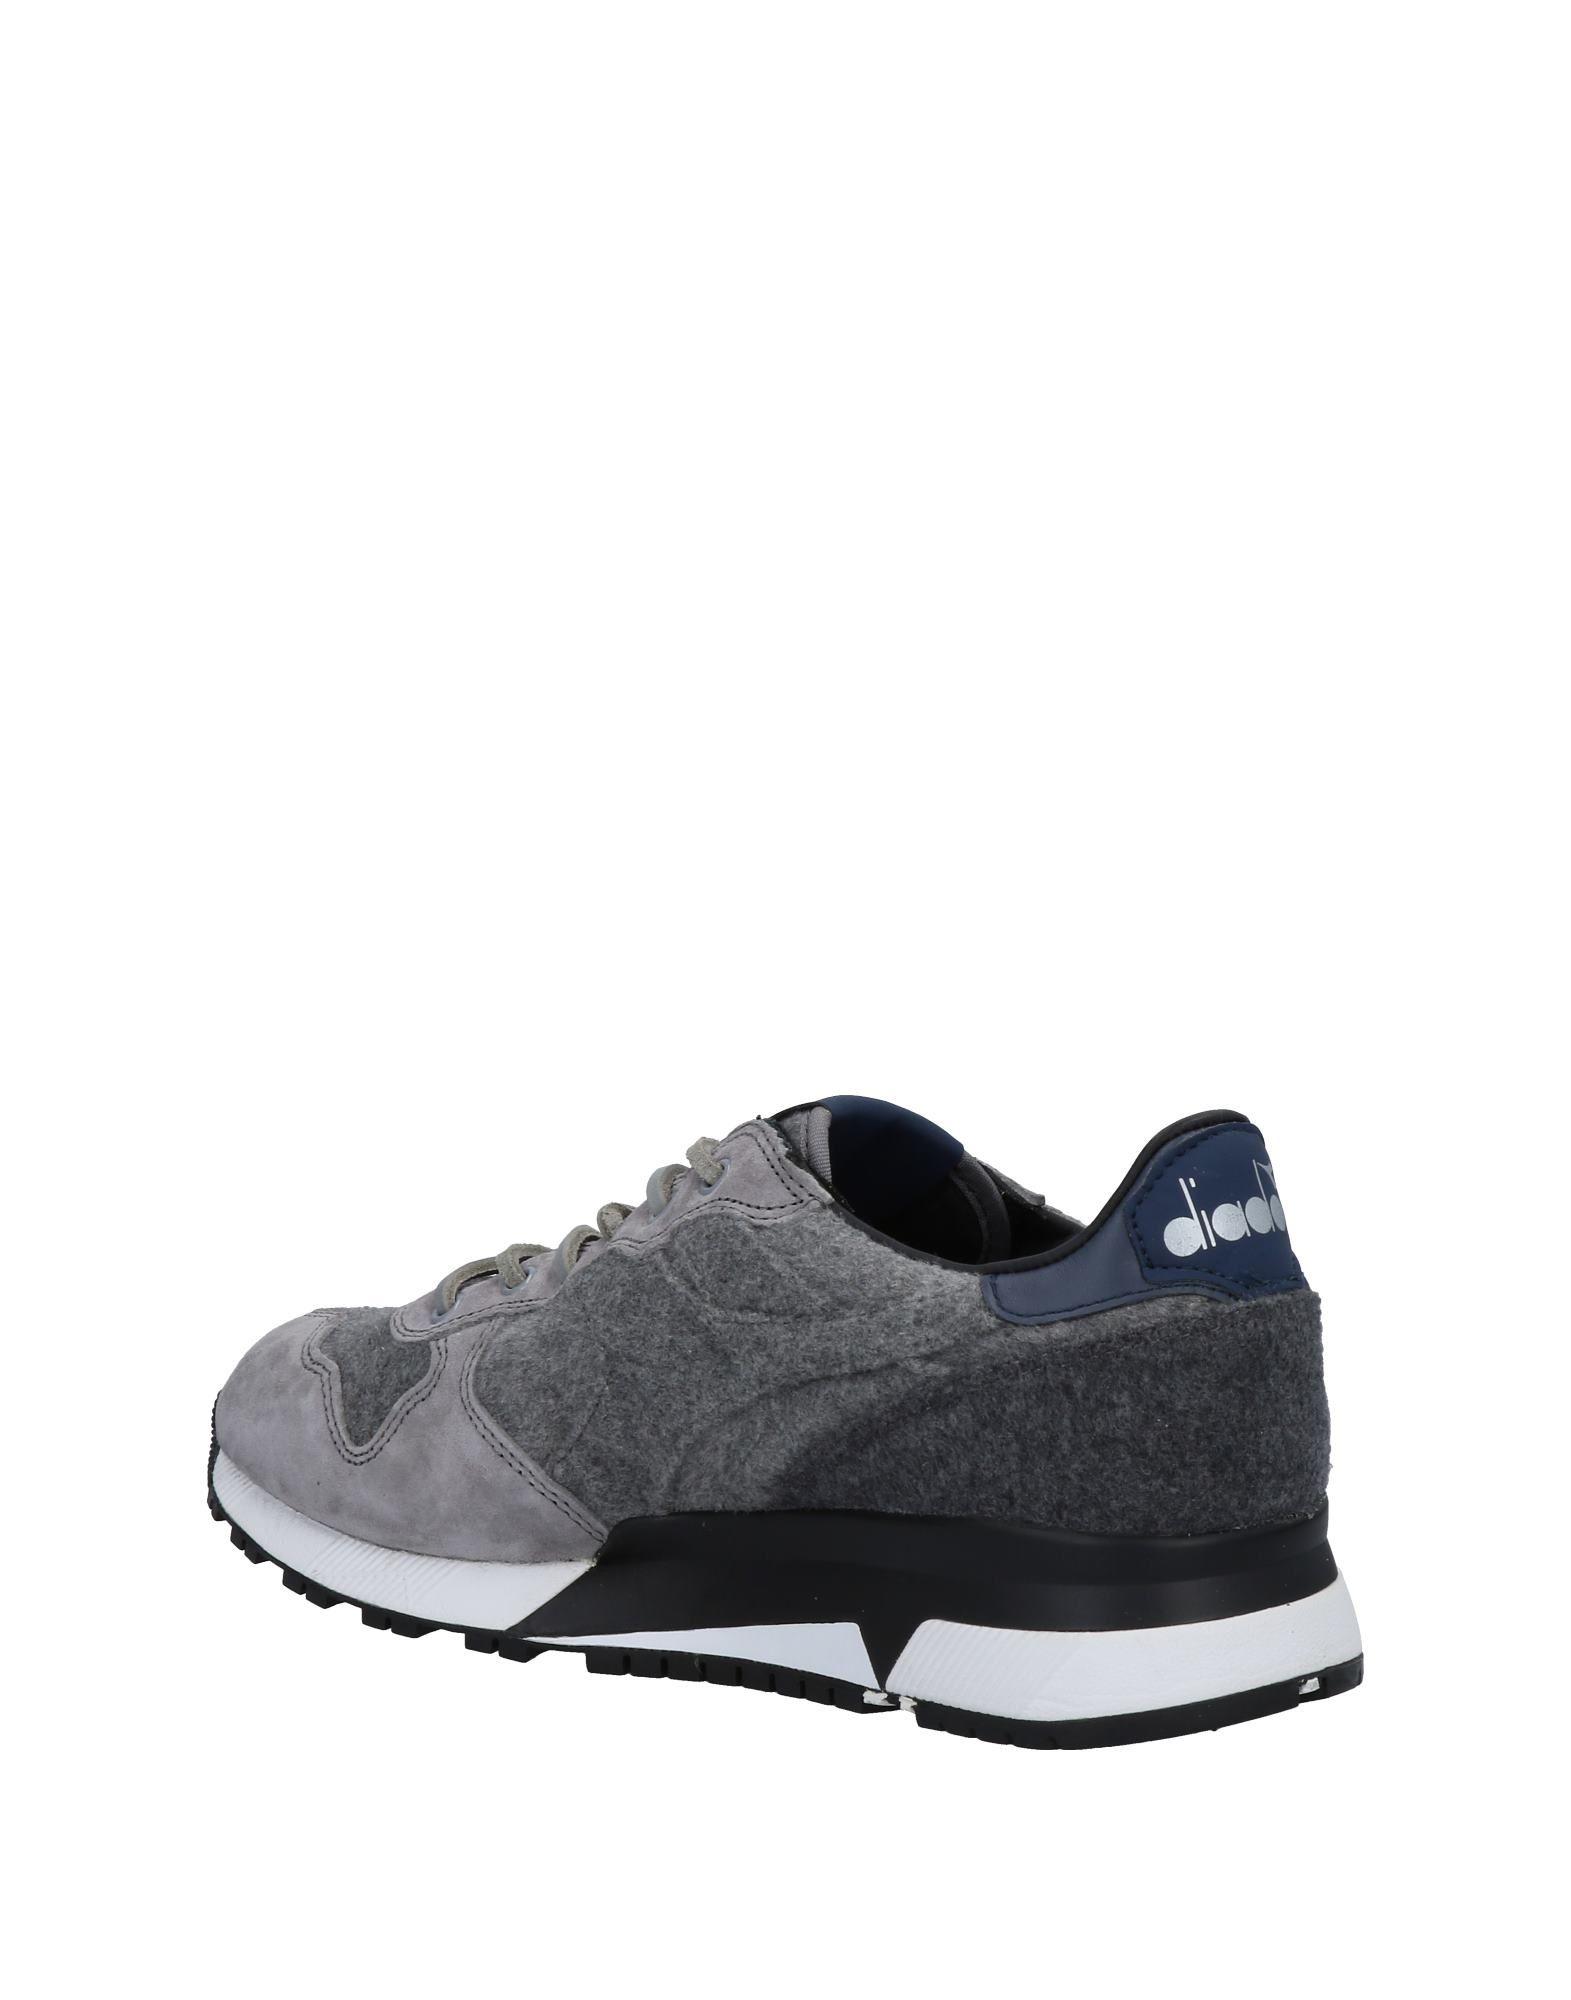 Rabatt Heritage echte Schuhe Diadora Heritage Rabatt Sneakers Herren  11485501FS 4eb1d8